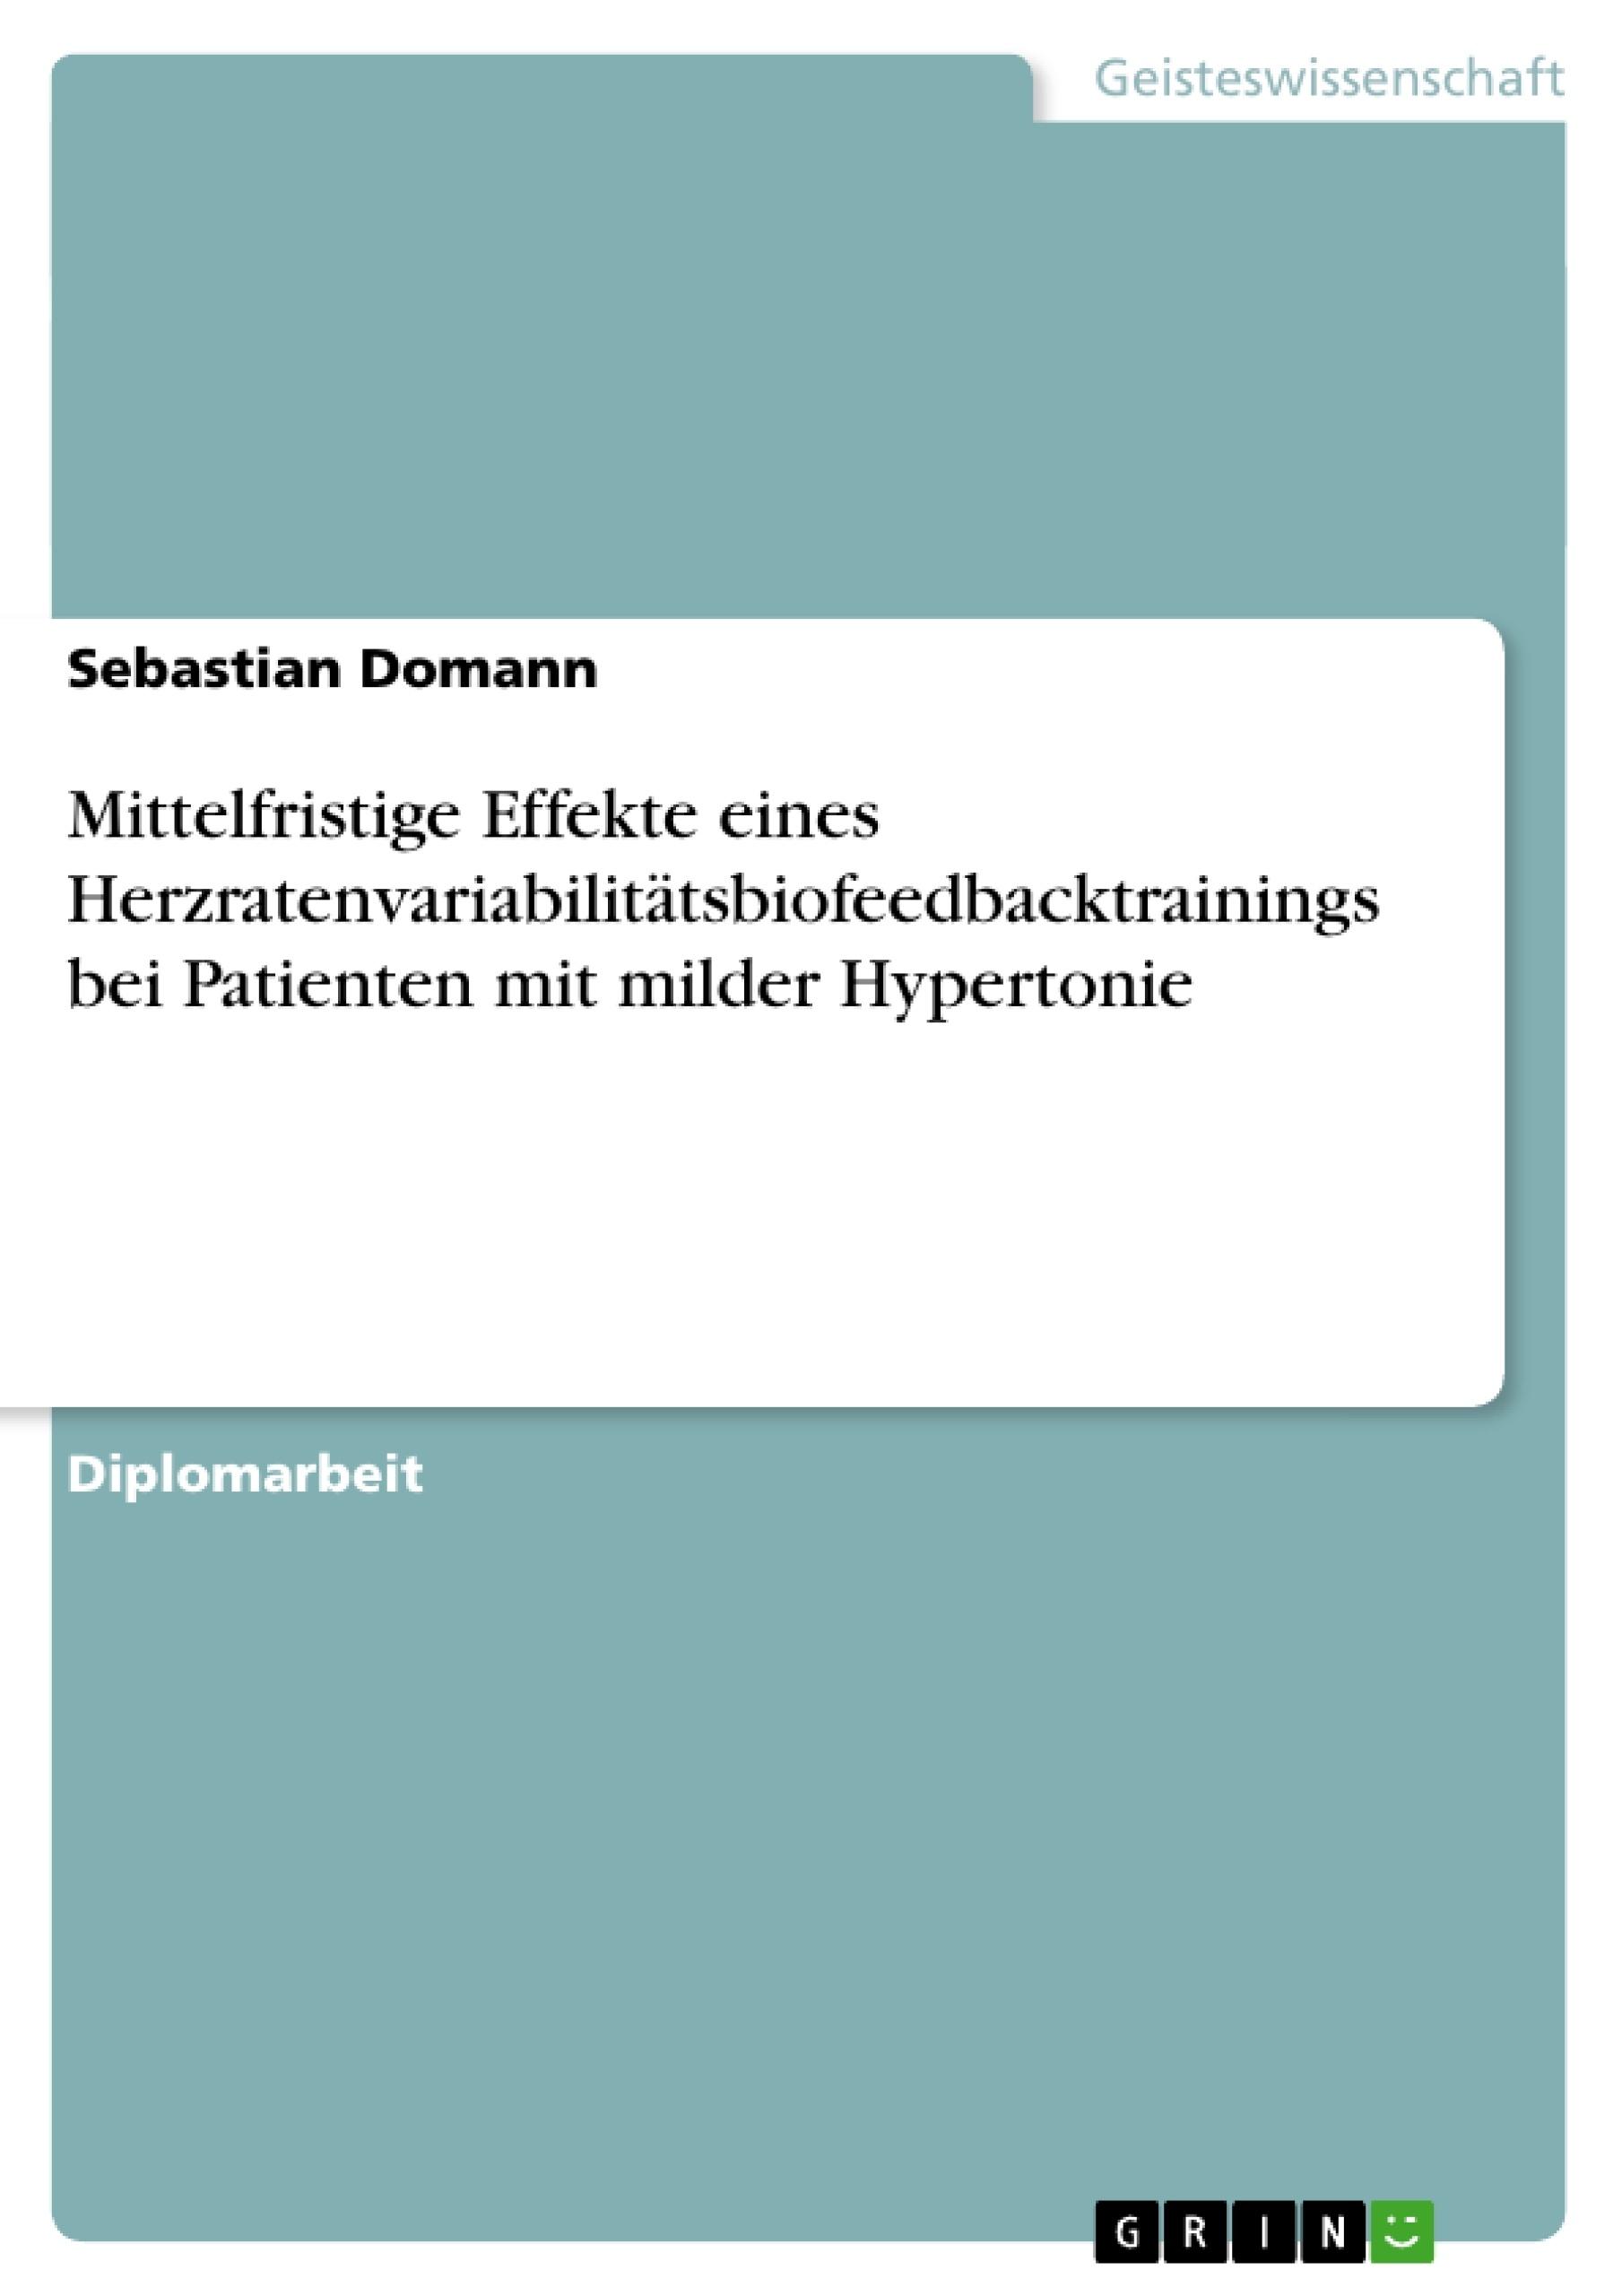 Titel: Mittelfristige Effekte eines Herzratenvariabilitätsbiofeedbacktrainings bei Patienten mit milder Hypertonie